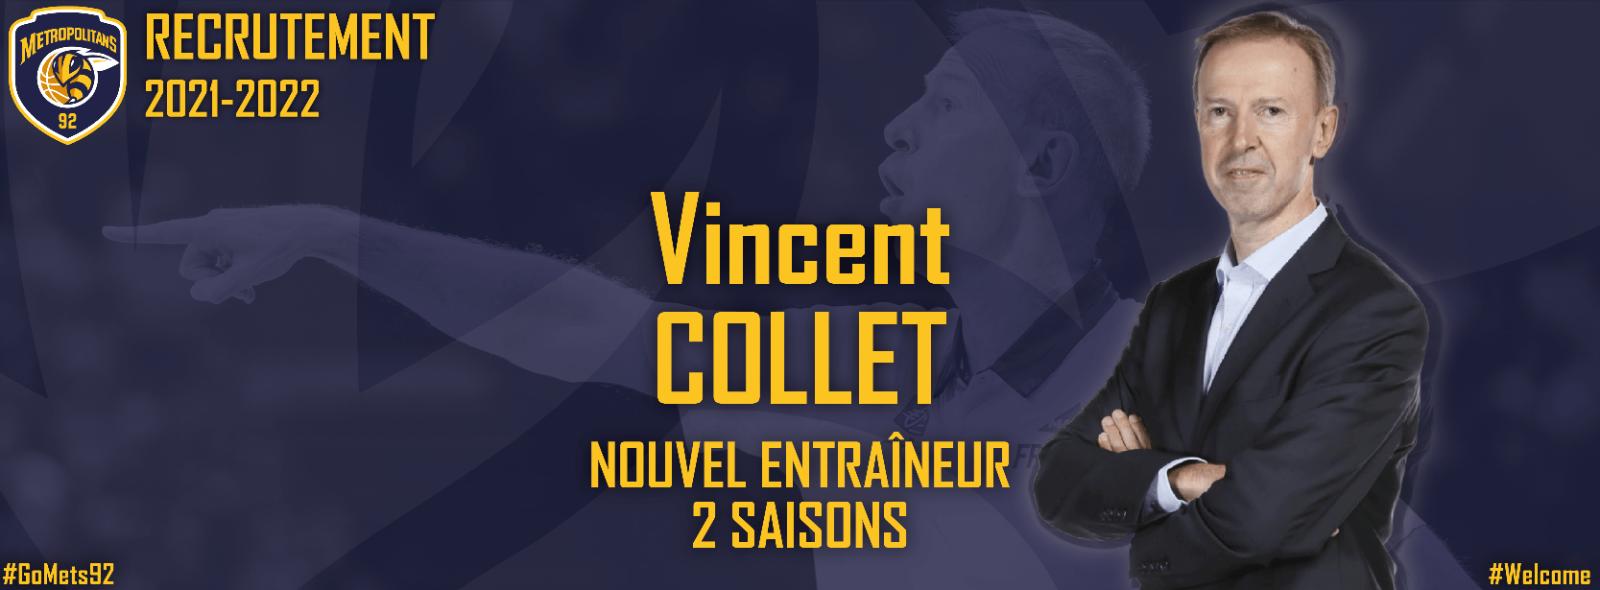 Vincent Collet, nouvel entraîneur des Metropolitans 92 !